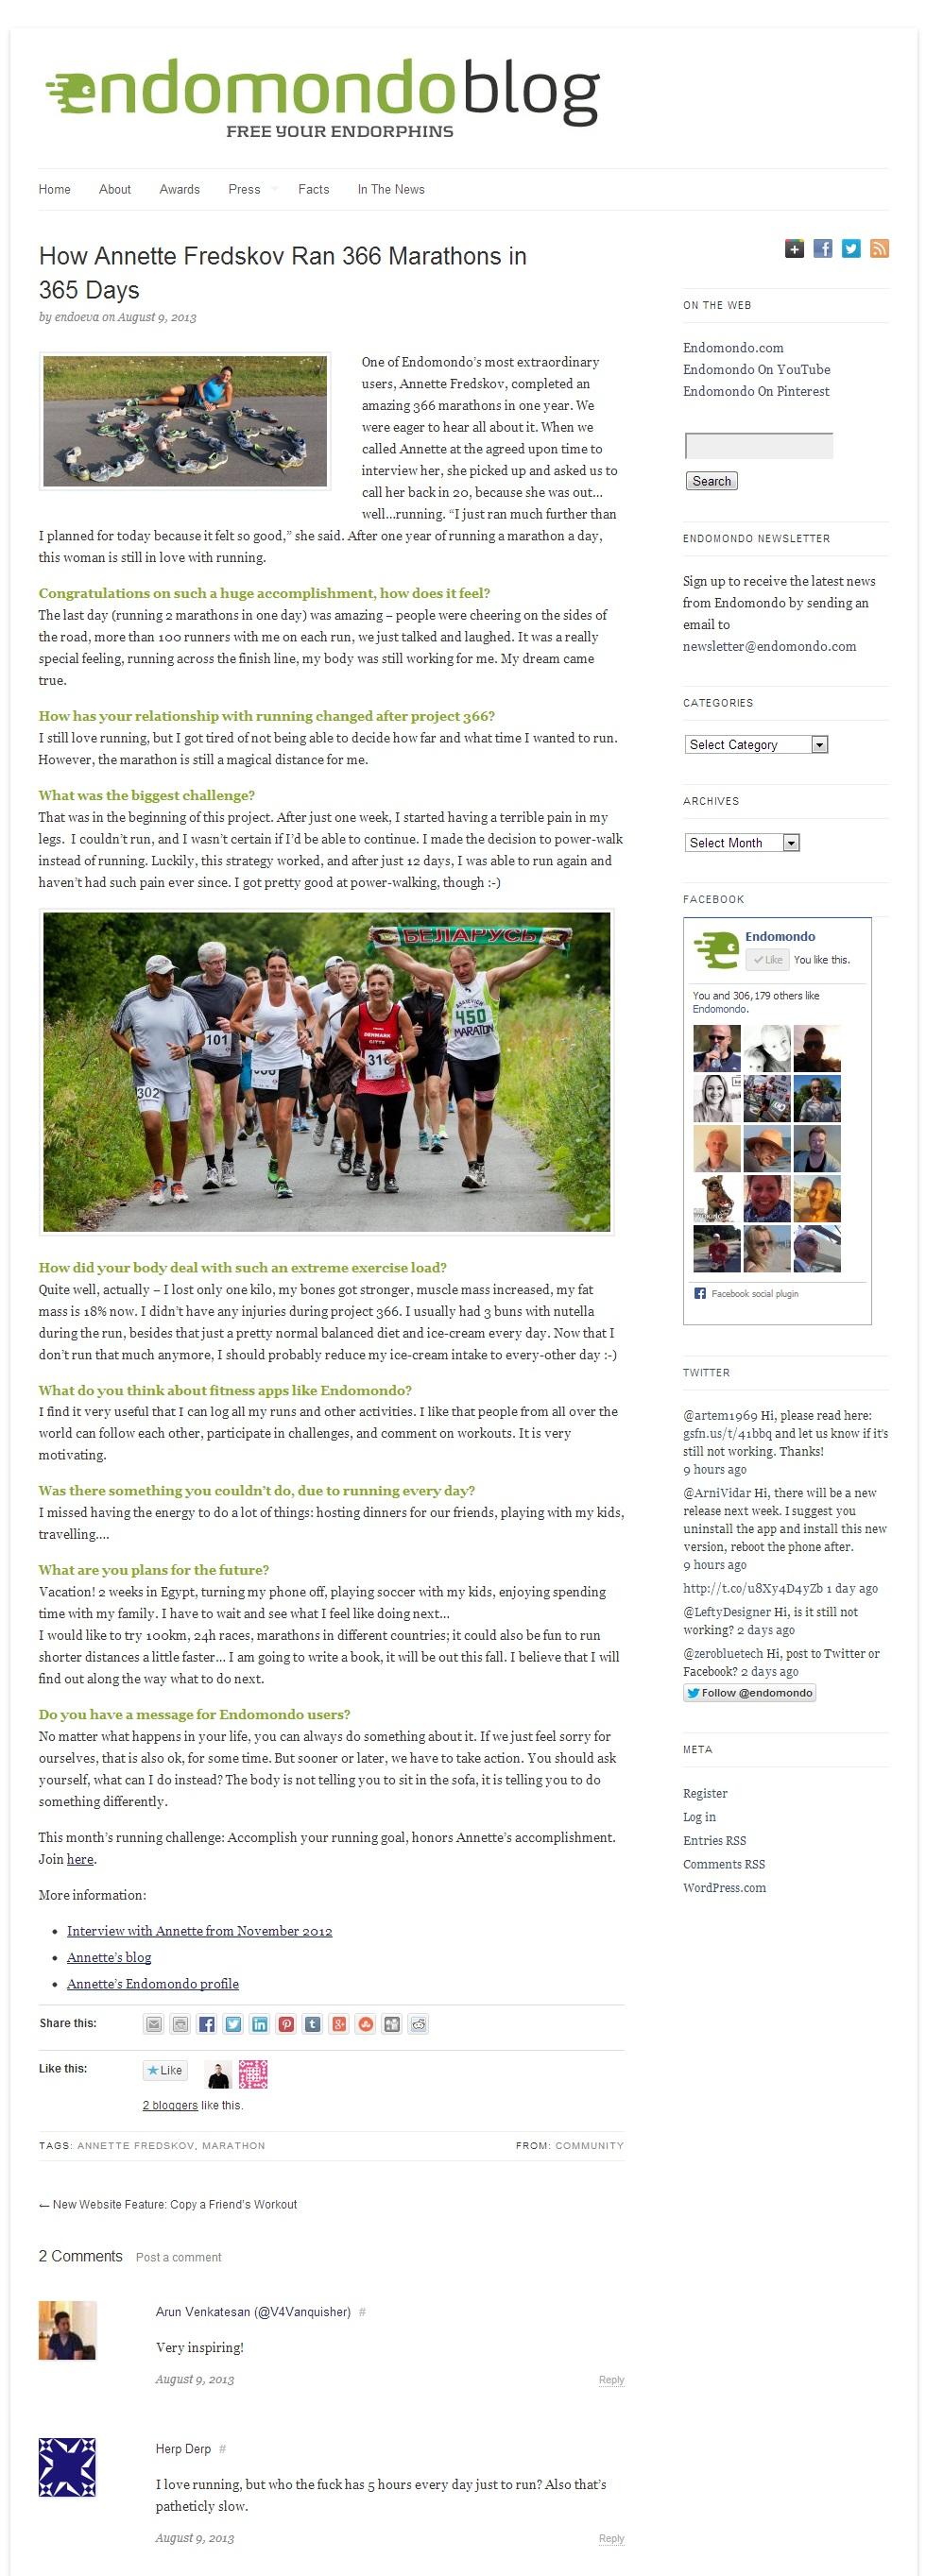 blog.endomondo.com 2013.08.09